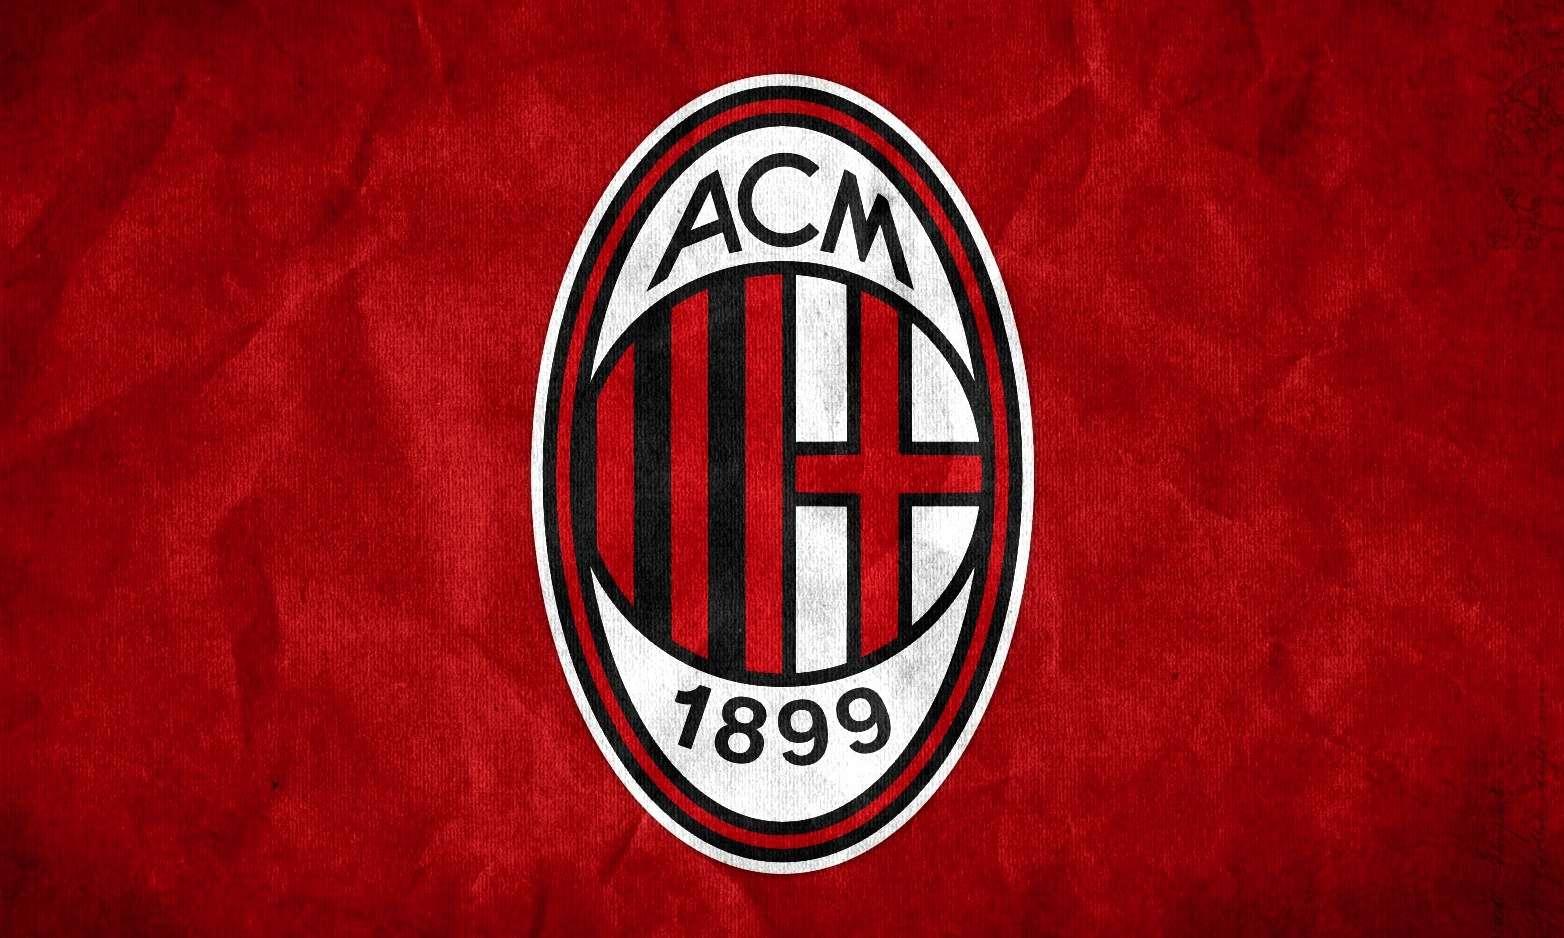 AC Milan Logo клуб Милан клуб Милан